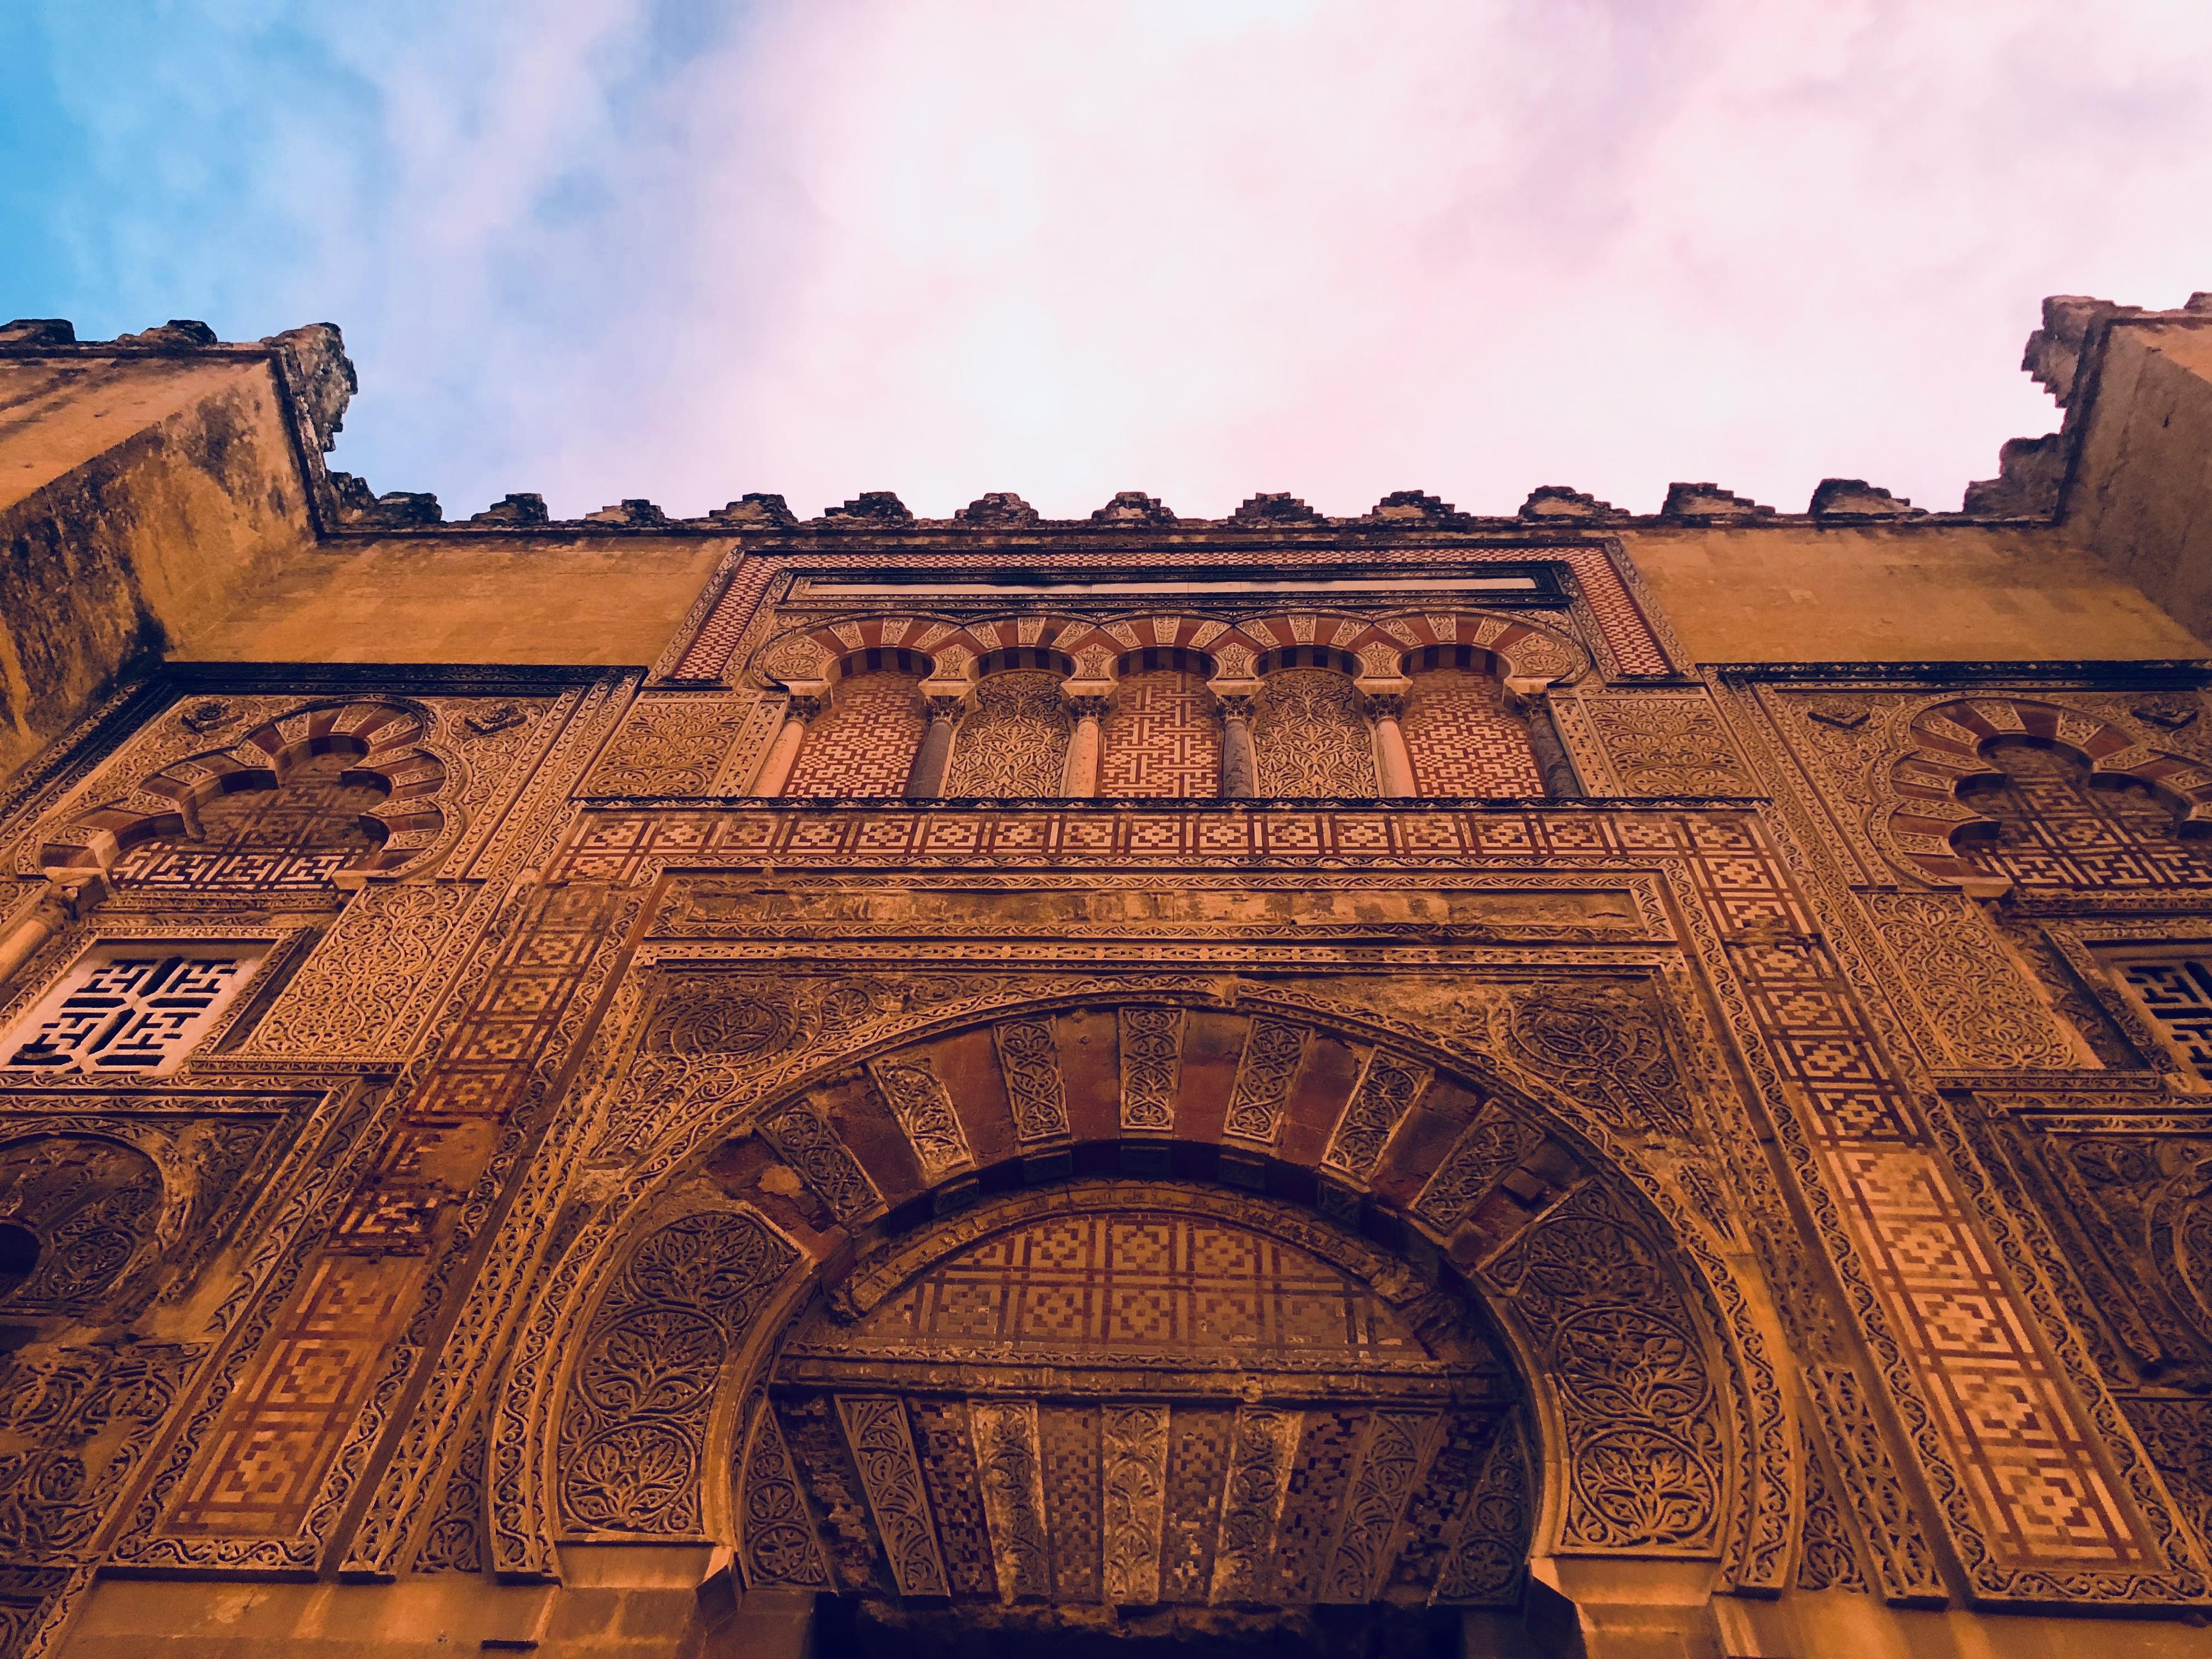 Mezquita-exterior detail